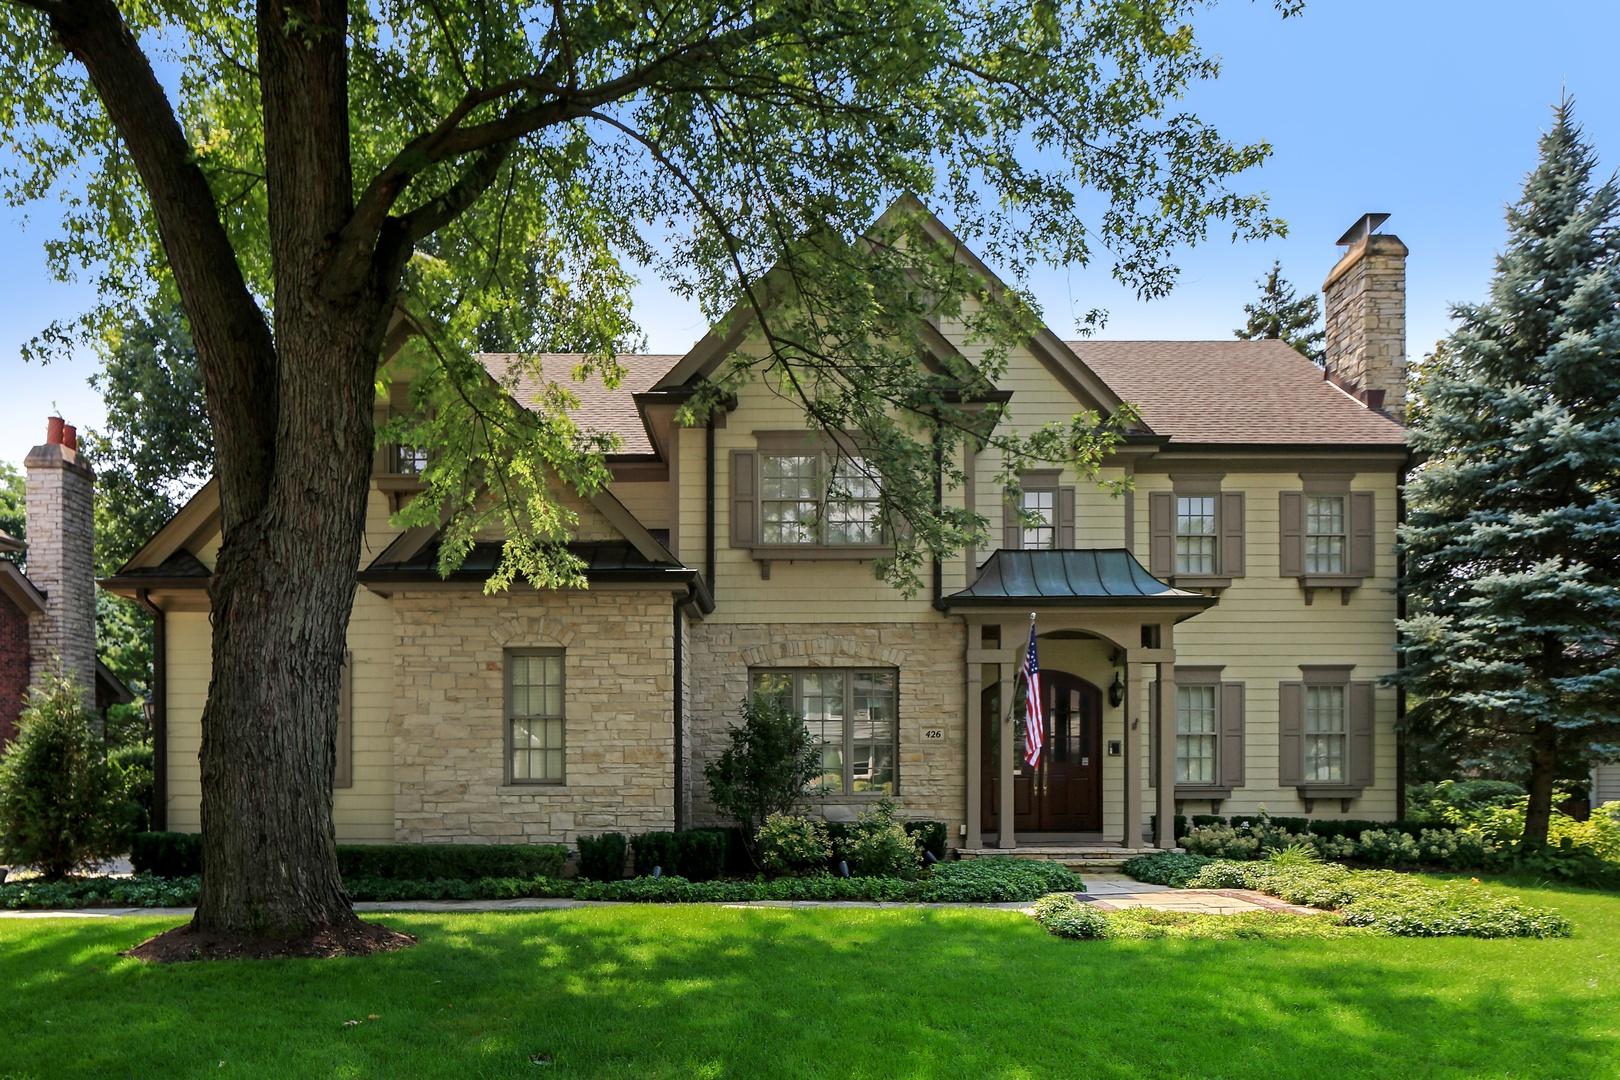 426 The Lane Hinsdale, Illinois 60521